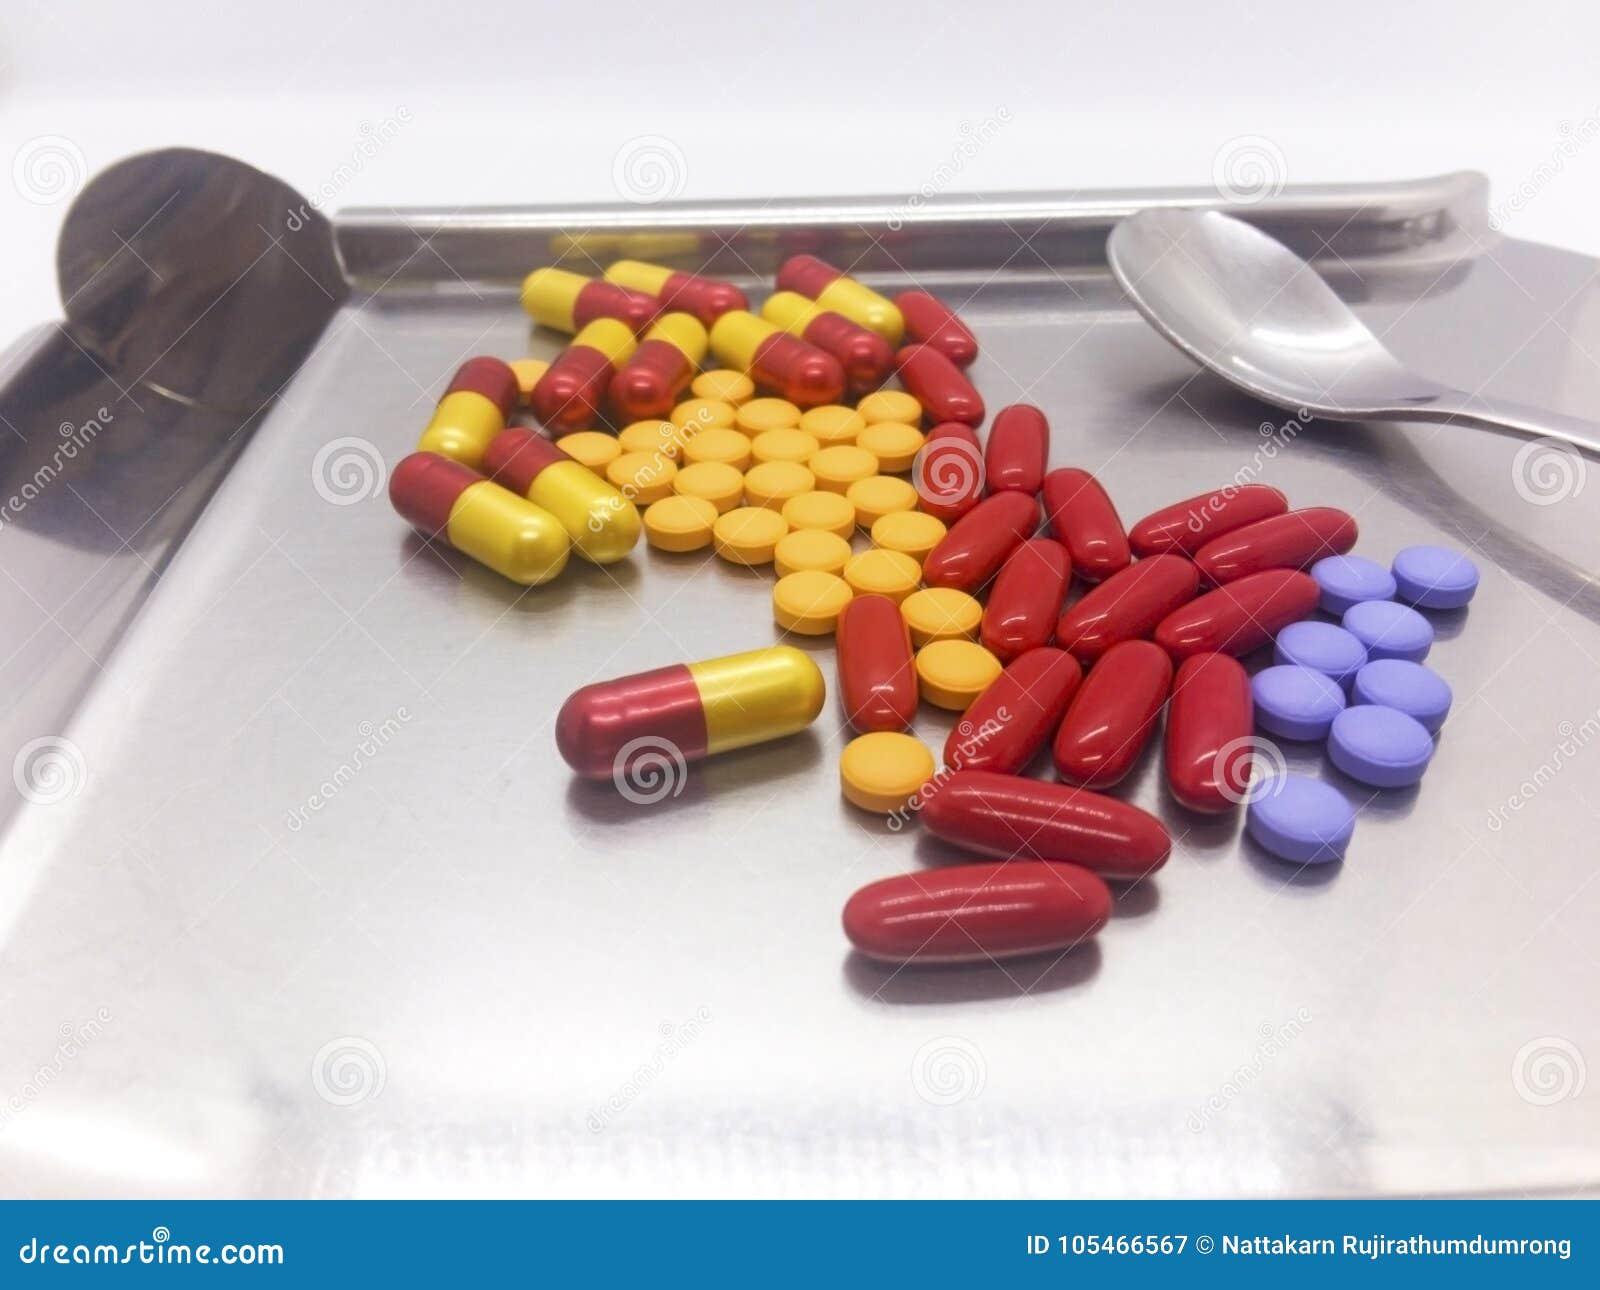 Πολλά ζωηρόχρωμο φάρμακο και ασημένιο κουτάλι είναι σε έναν ασημένιο δίσκο για το cou